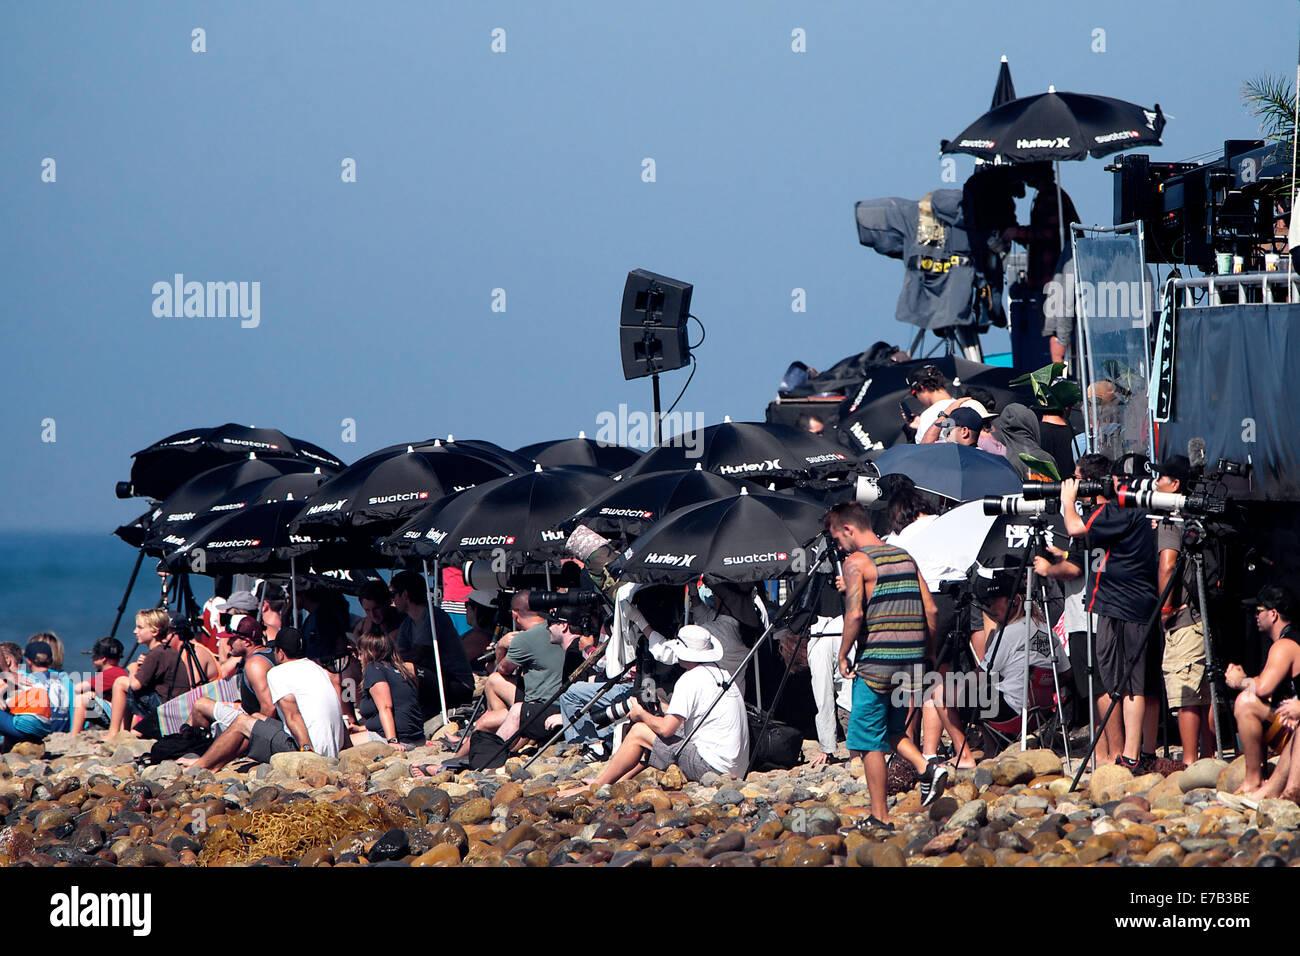 San Clemente, Californie, USA. 11 Septembre, 2014. La foule des fans, petite plage de galets à regarder leurs Photo Stock